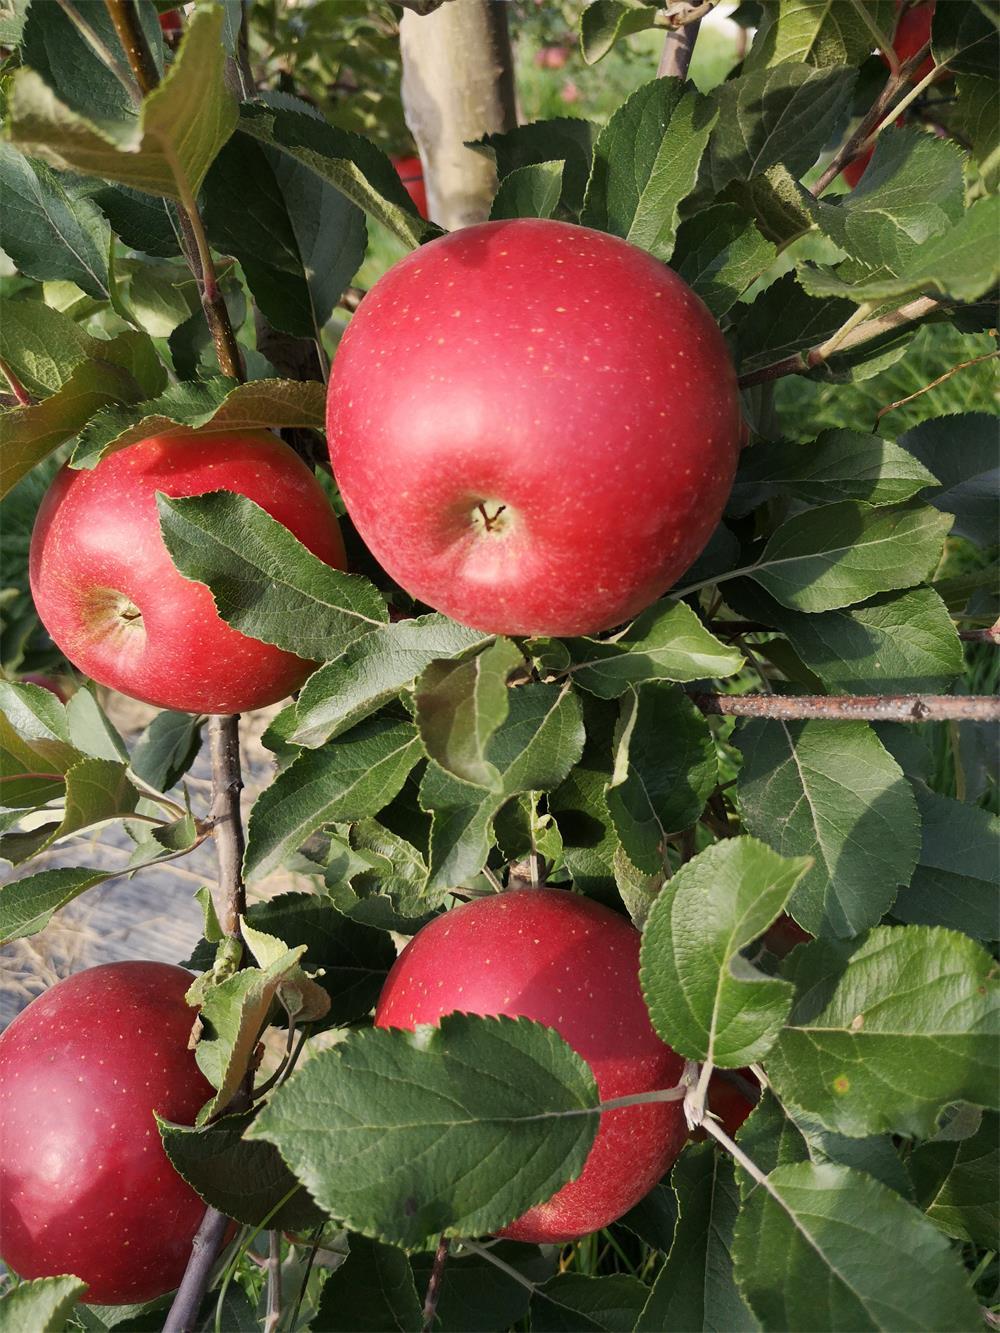 """山西芮城""""三宝""""之一:一枚可以实现梦想的苹果"""